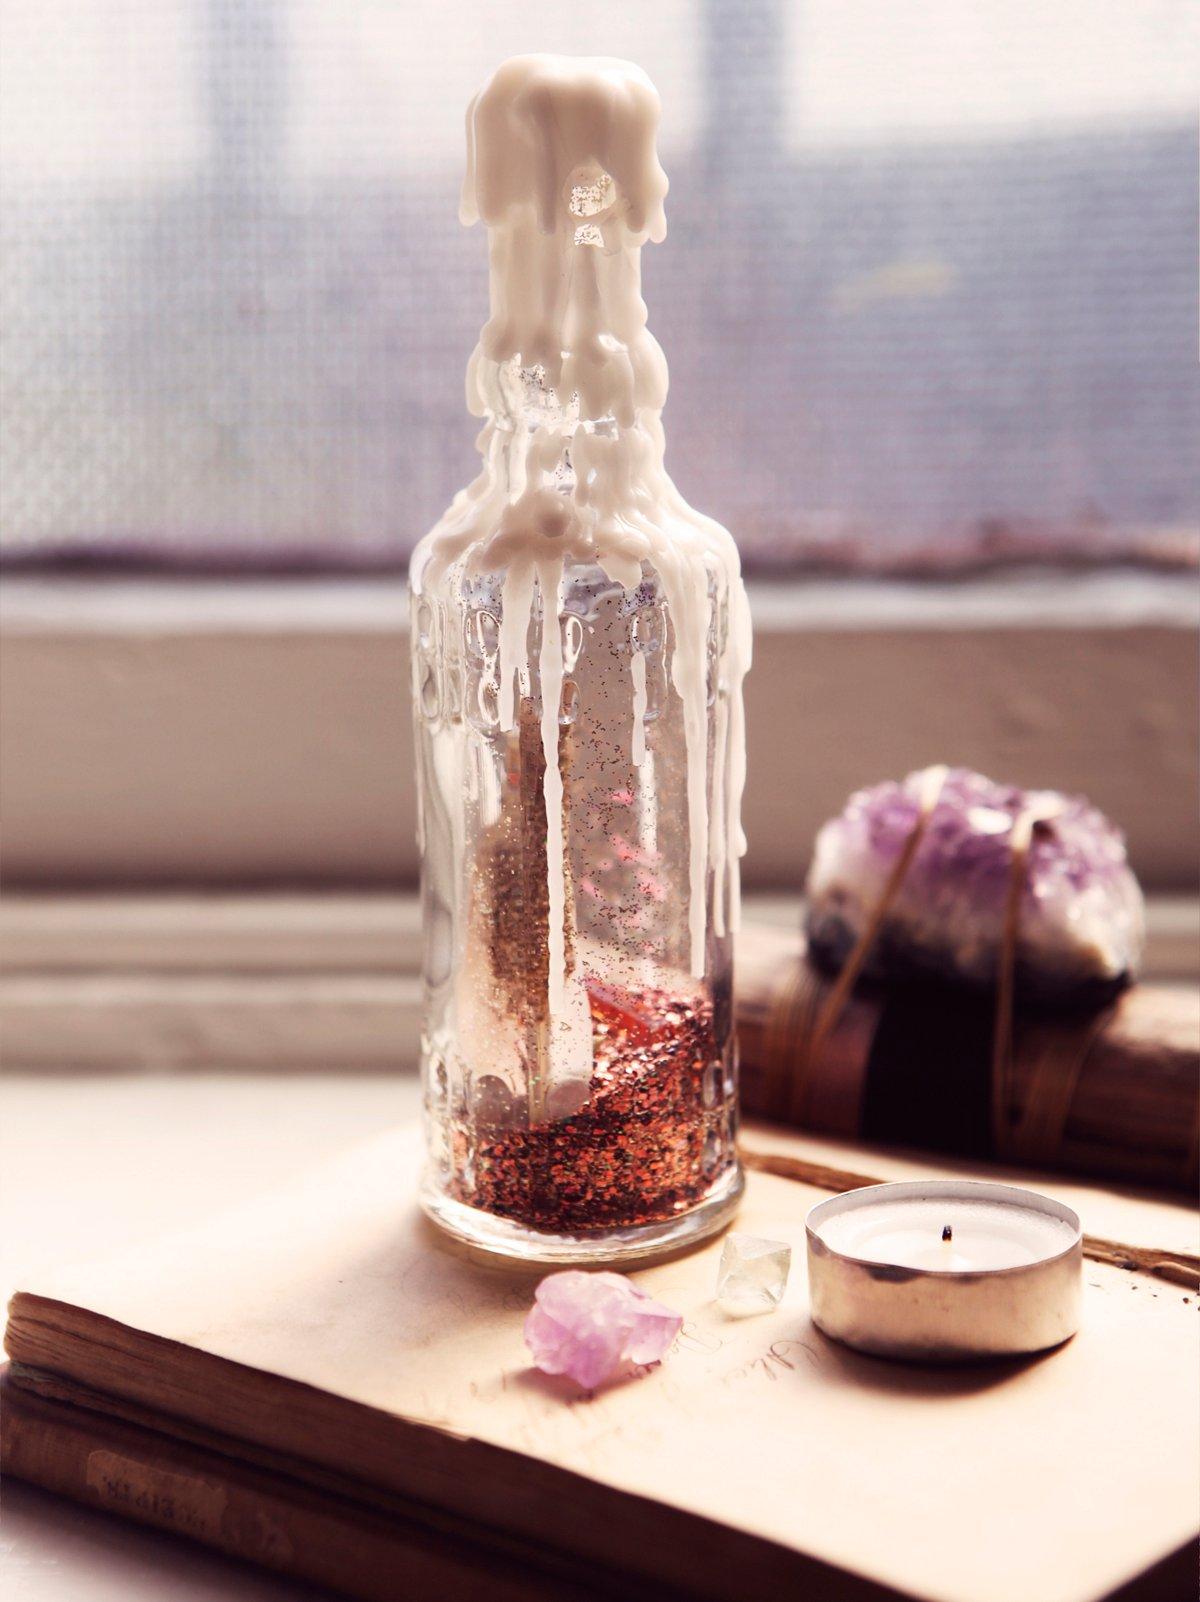 Mystic Wishing Bottle